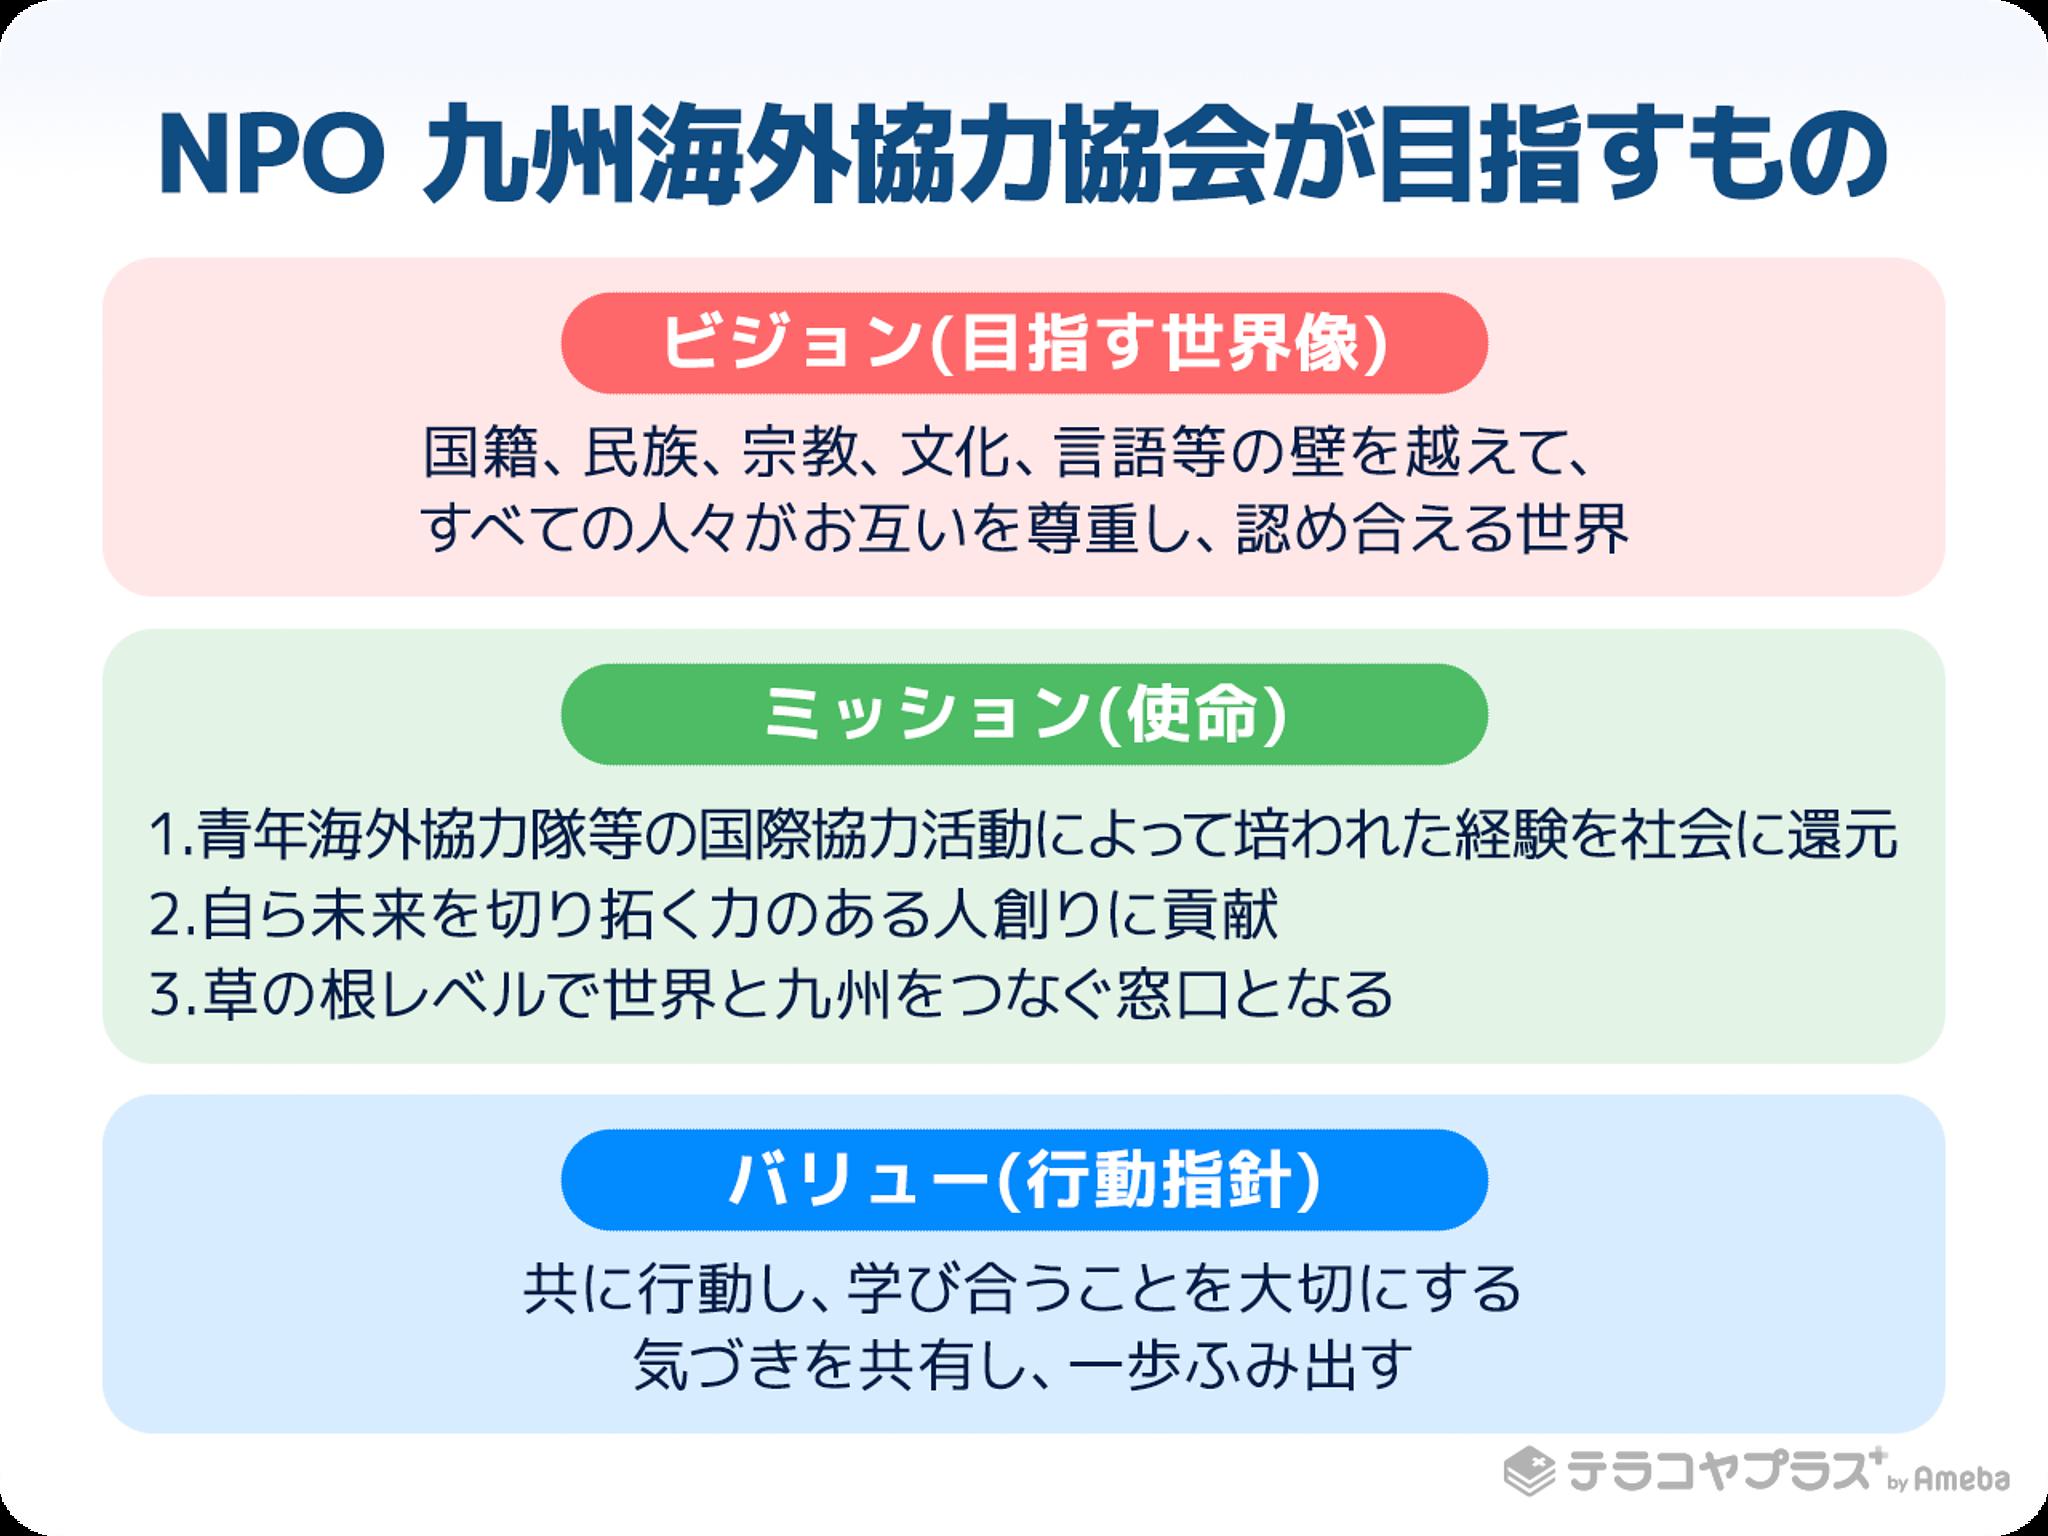 九州海外協力協会が目指すもののイラスト画像